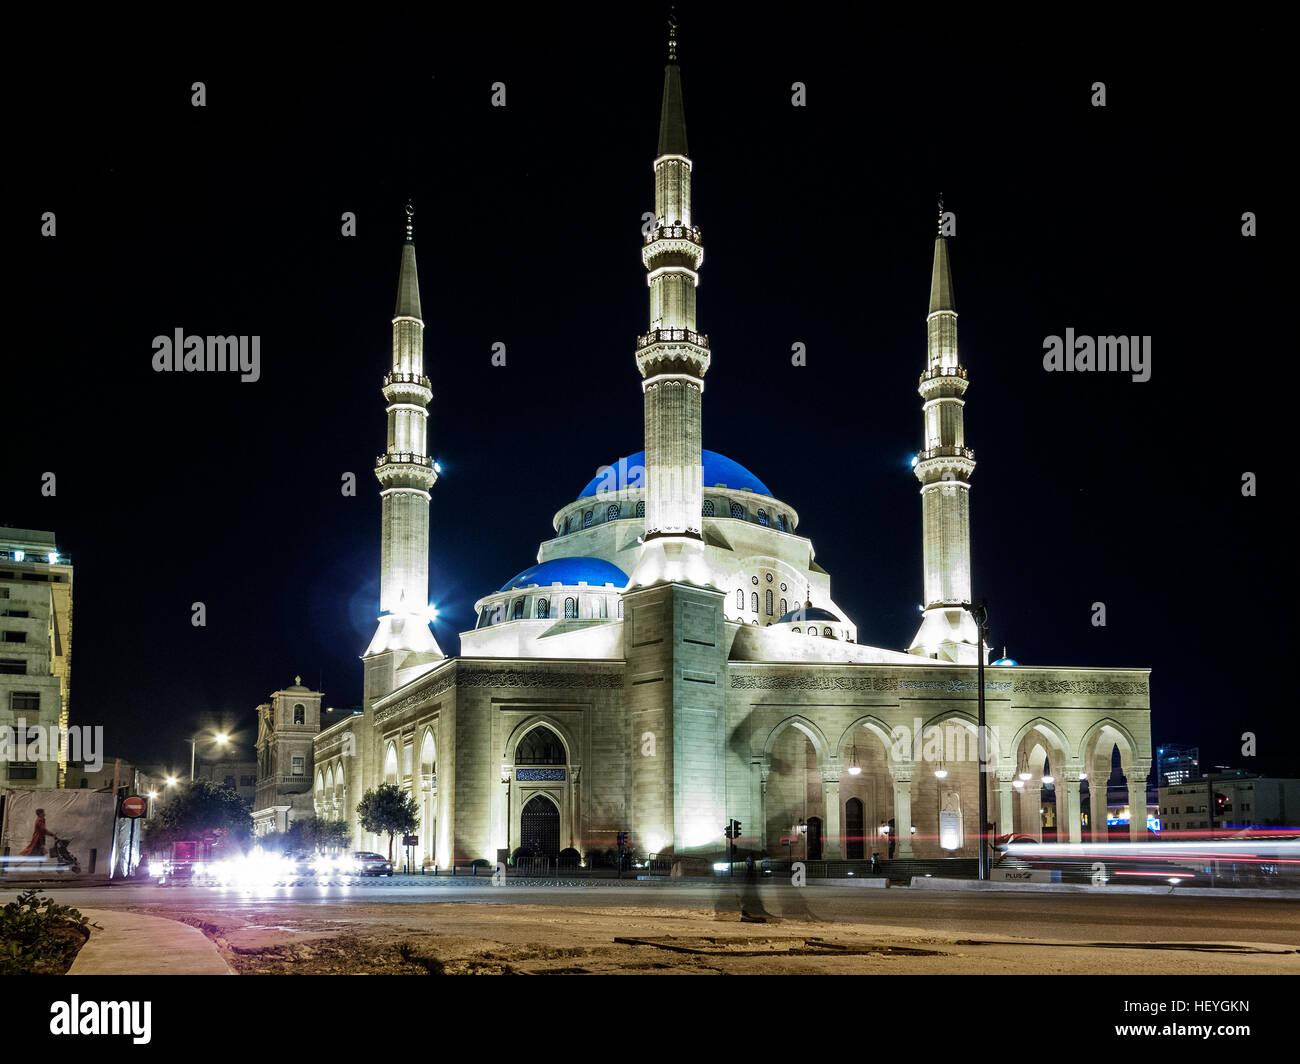 Mohammed Al Amin Mosque vue dans le centre-ville de Beyrouth Liban la nuit Photo Stock